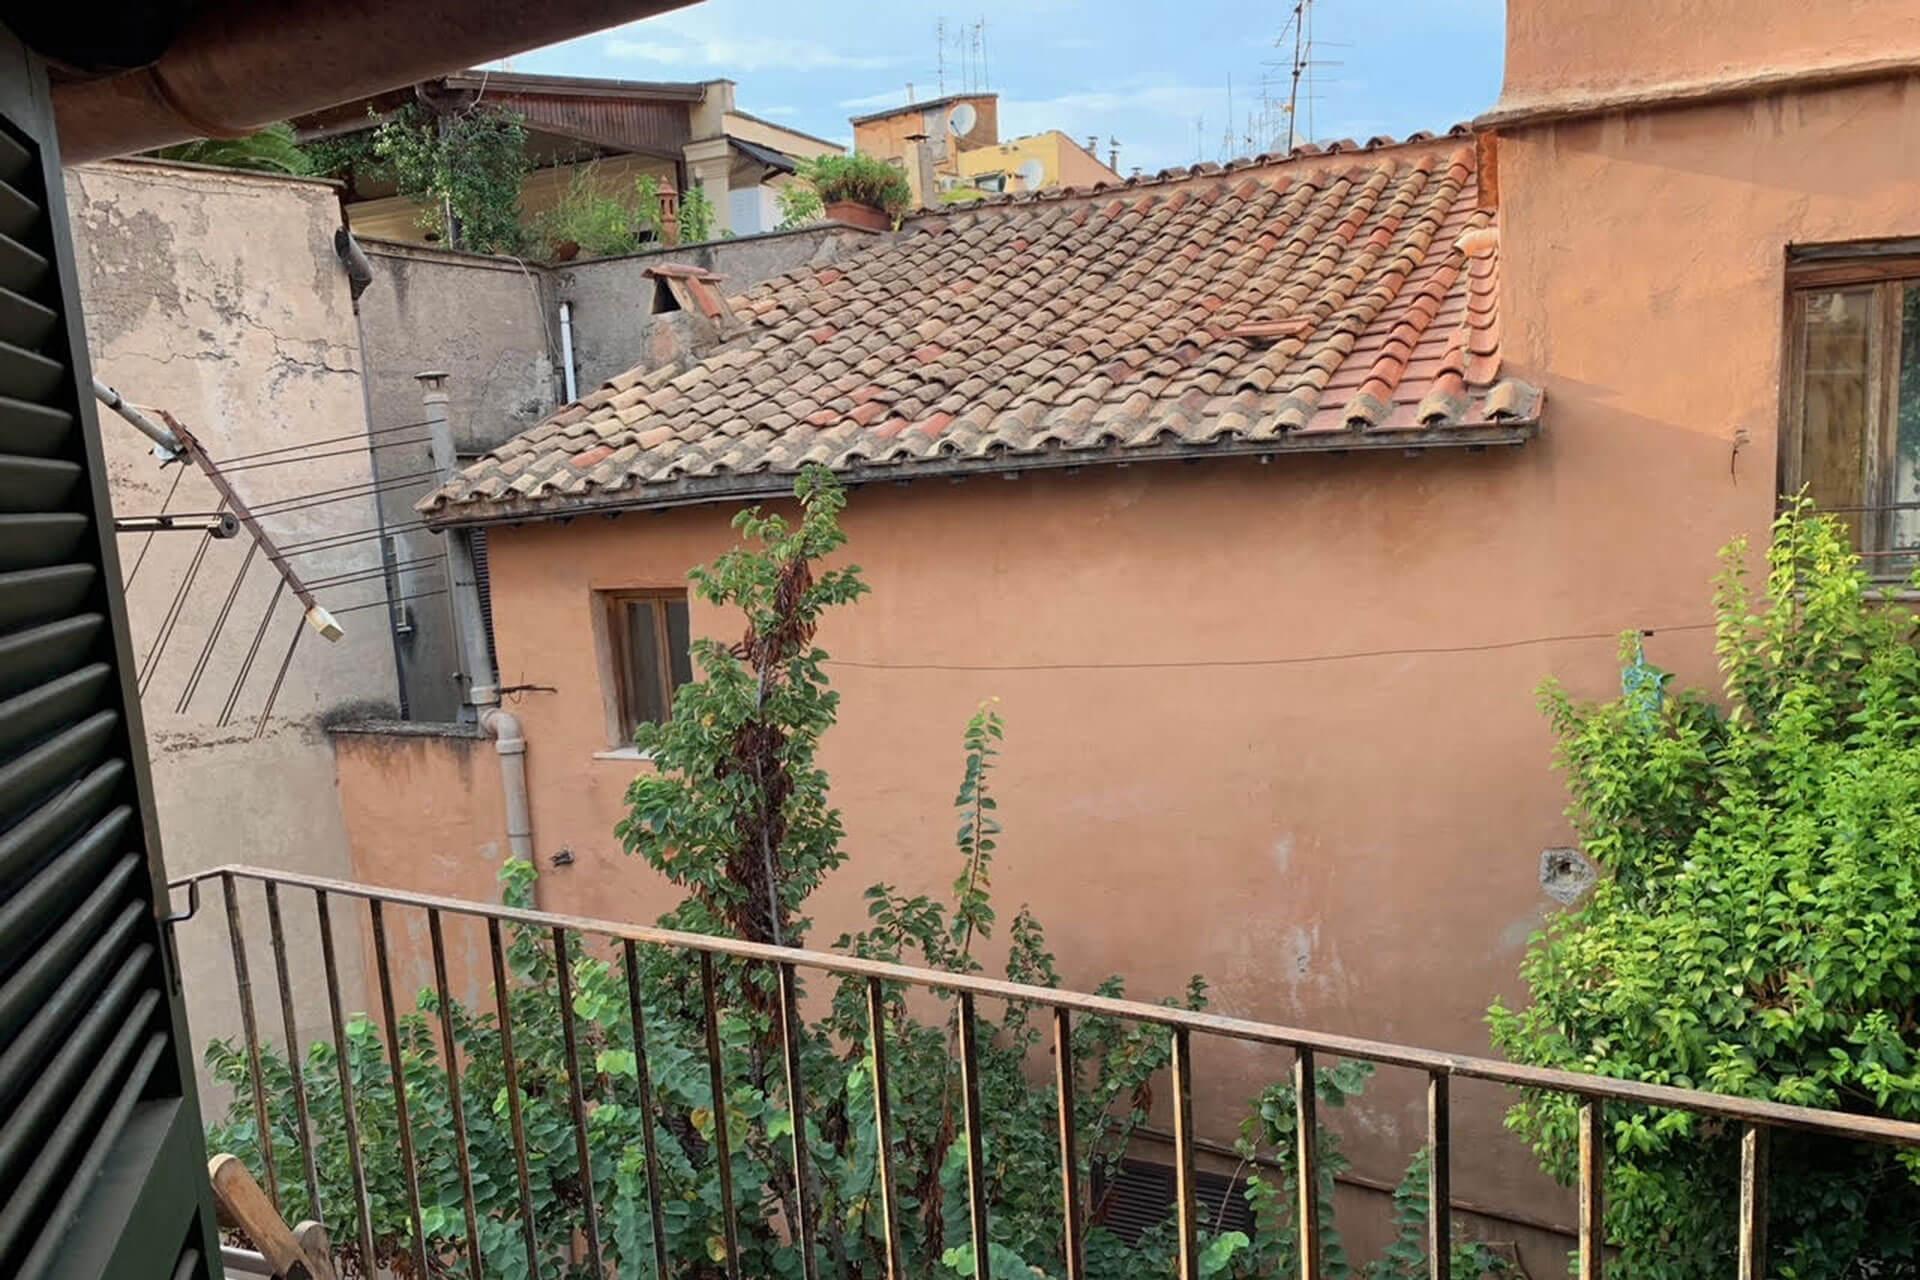 Attico Loft terrazzato a Trastevere